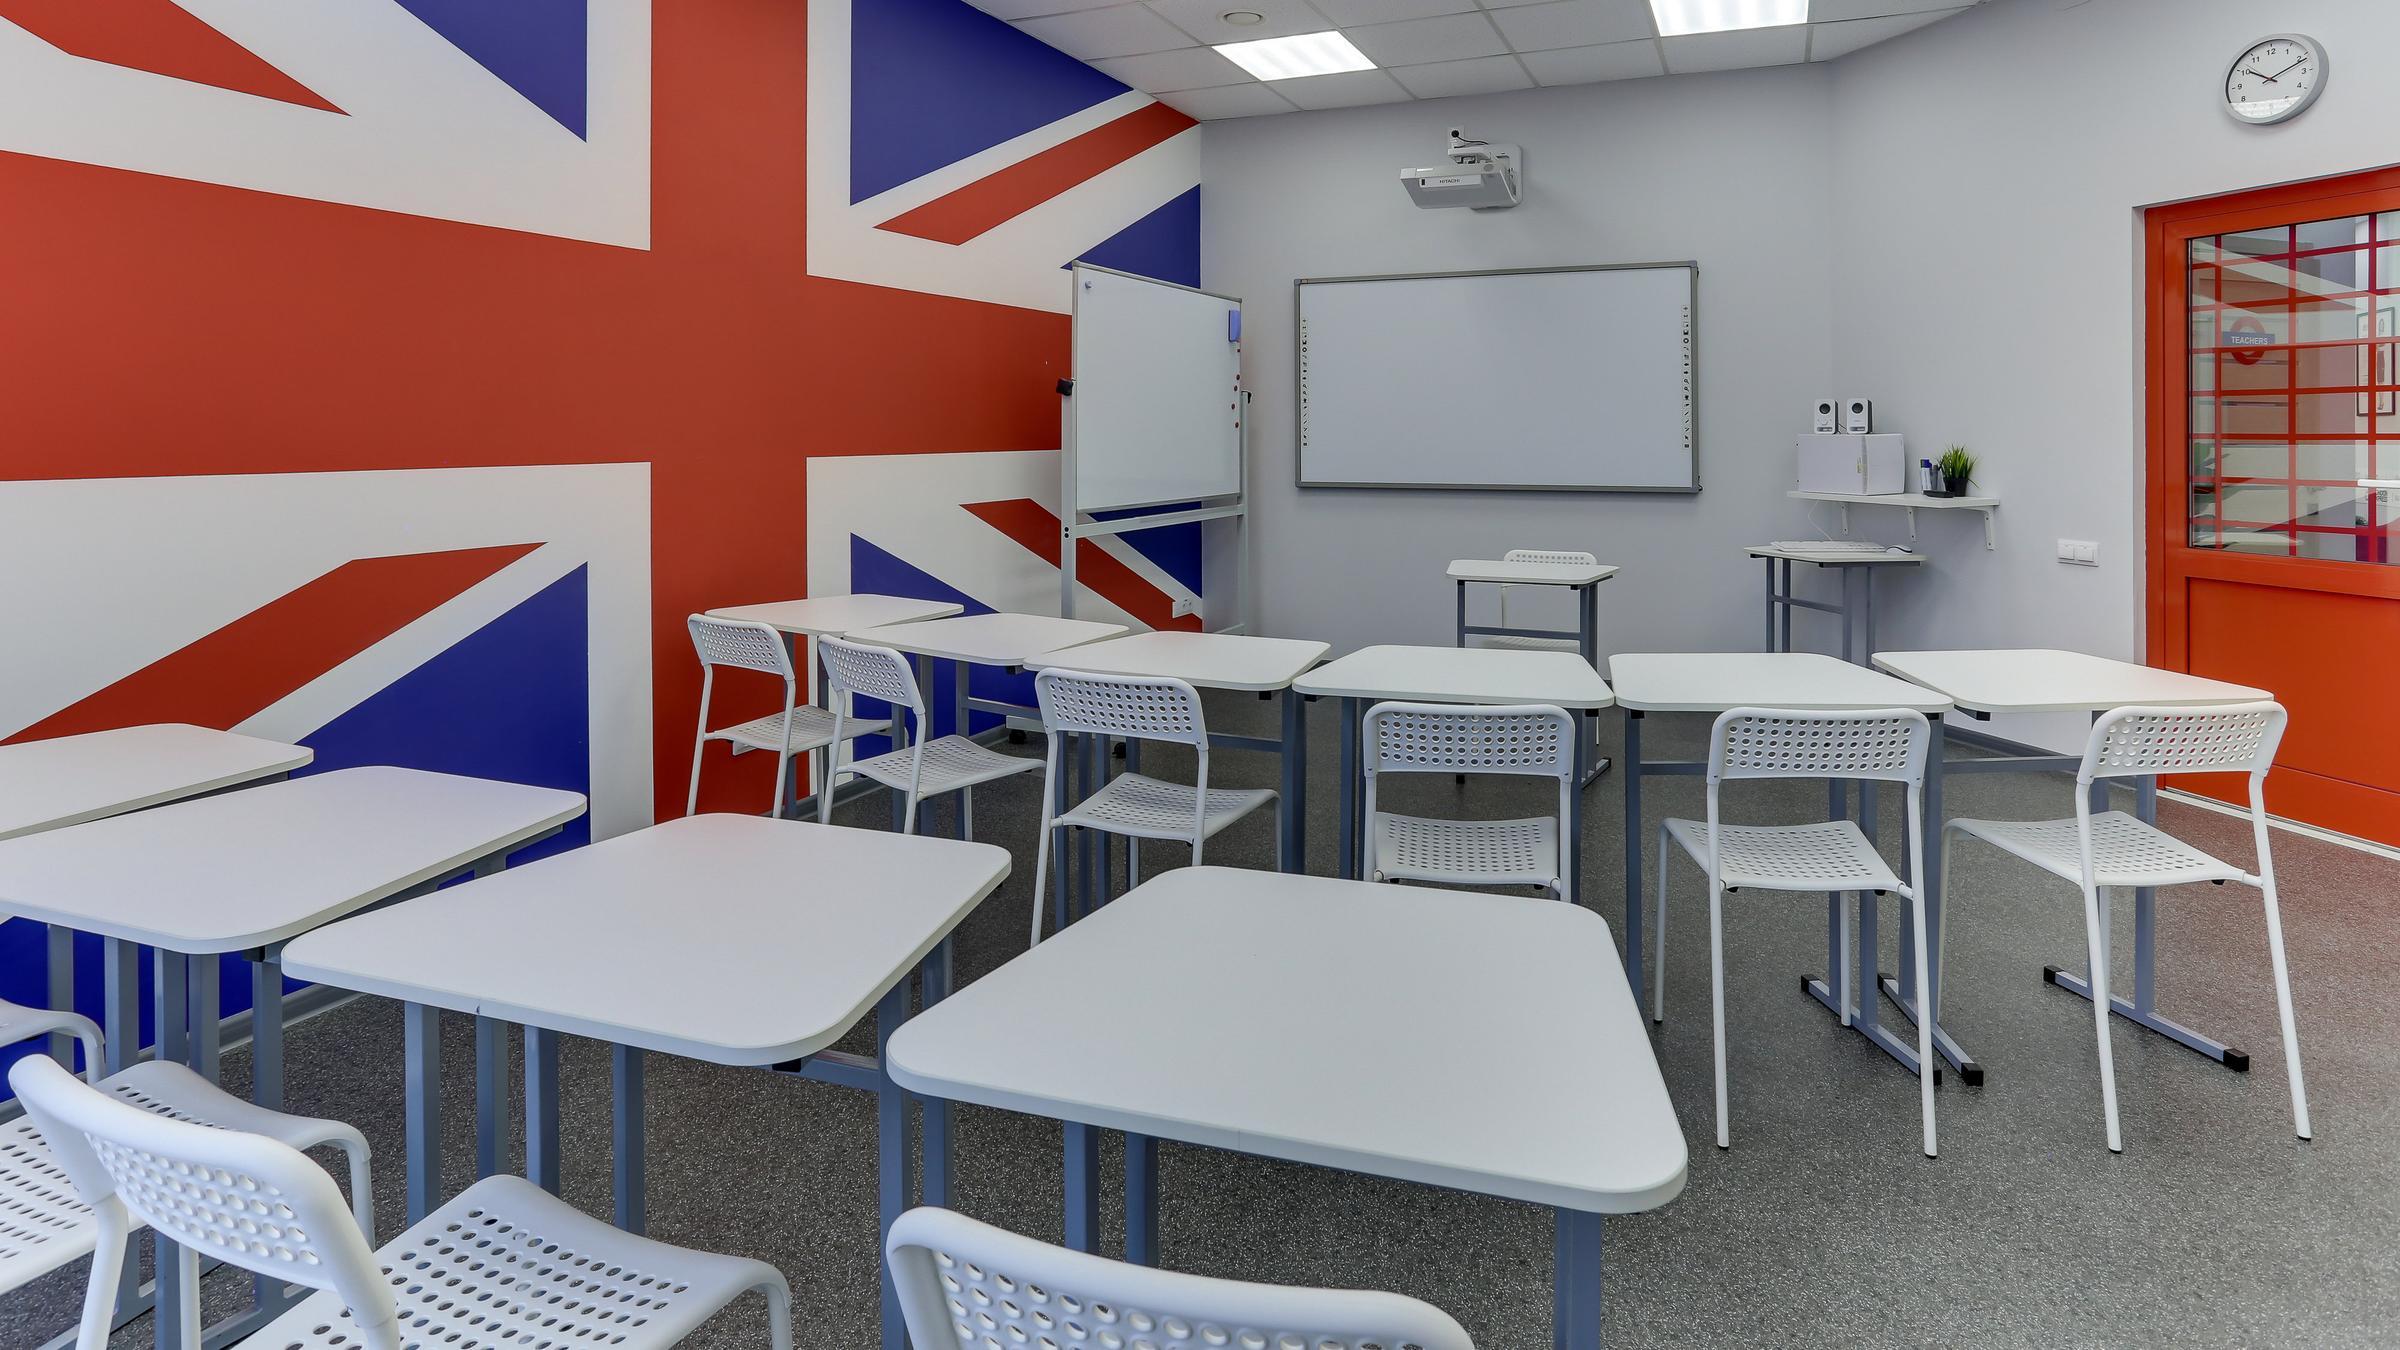 фотография Лингвистической школы London Express в Ясенево